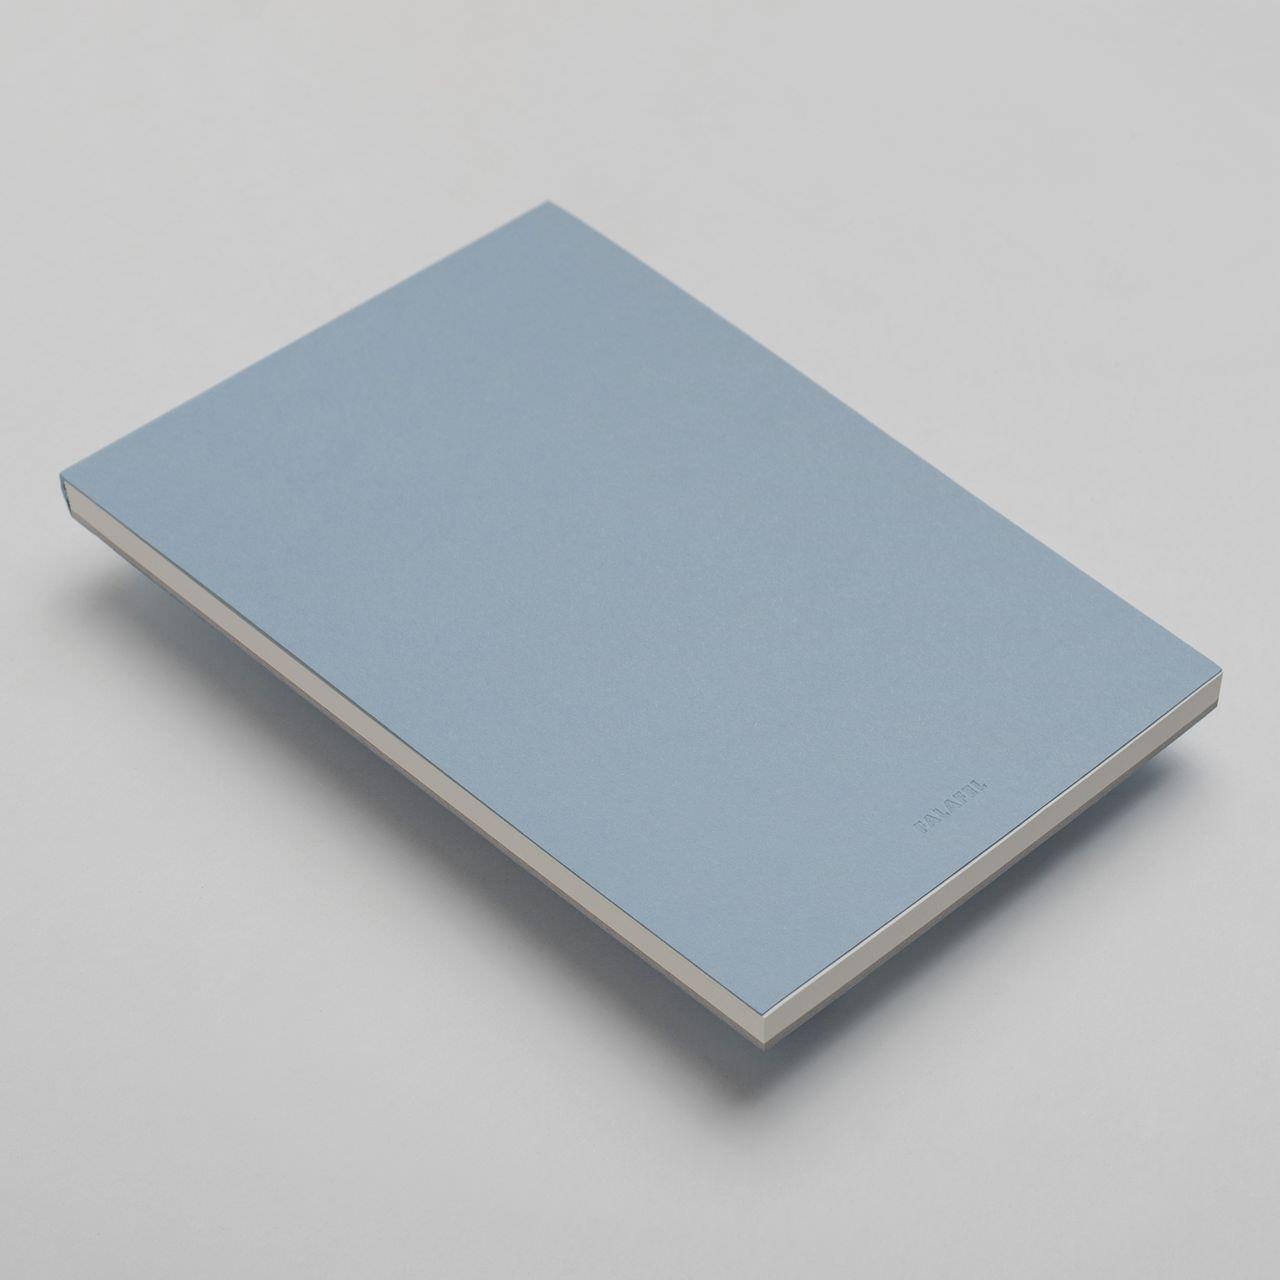 Купить Блокнот FALAFEL BOOKS Sketchpad А5 Ash blue, Россия